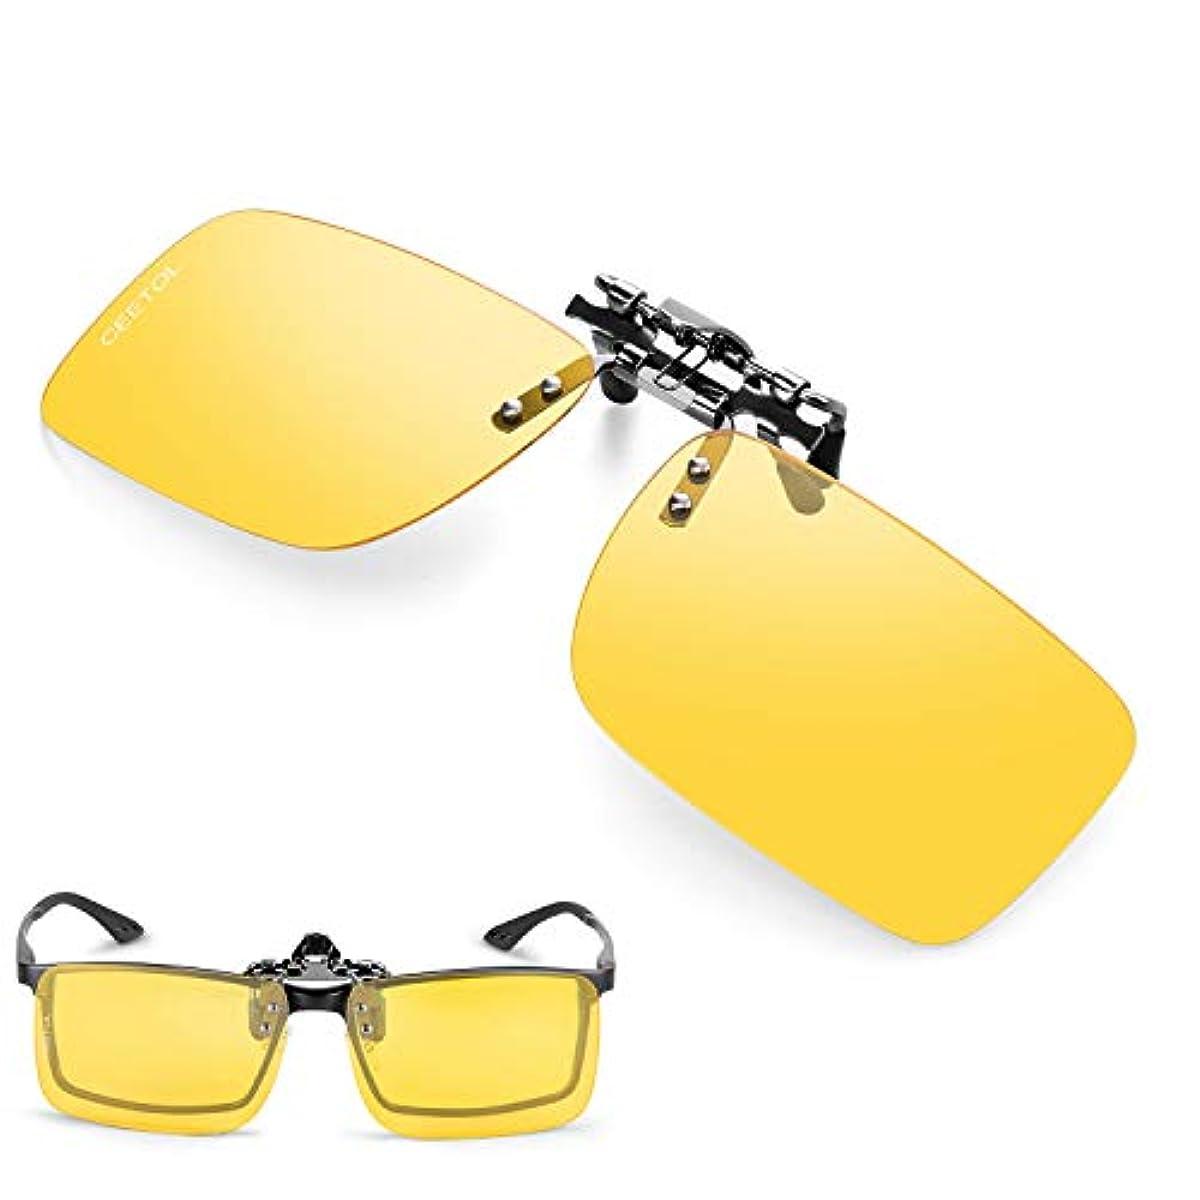 [해외] 클립 온 썬글라스 안경의 위로부터 편광 썬글라스 클립 편광 뛰어 인상 앞치마식 편광 렌즈